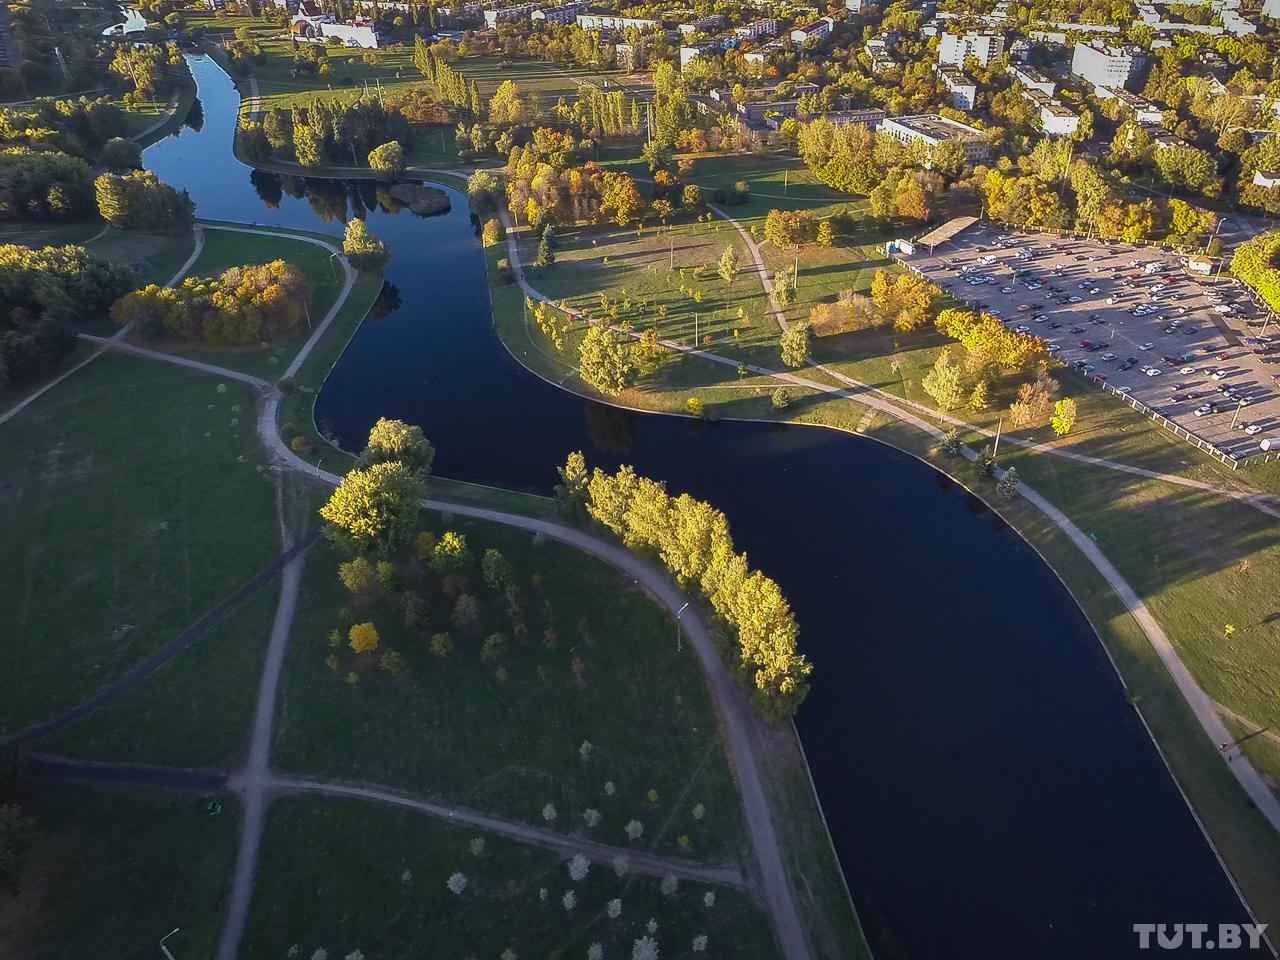 Архитекторы старались разнообразить русло реки, придав ему изгиб